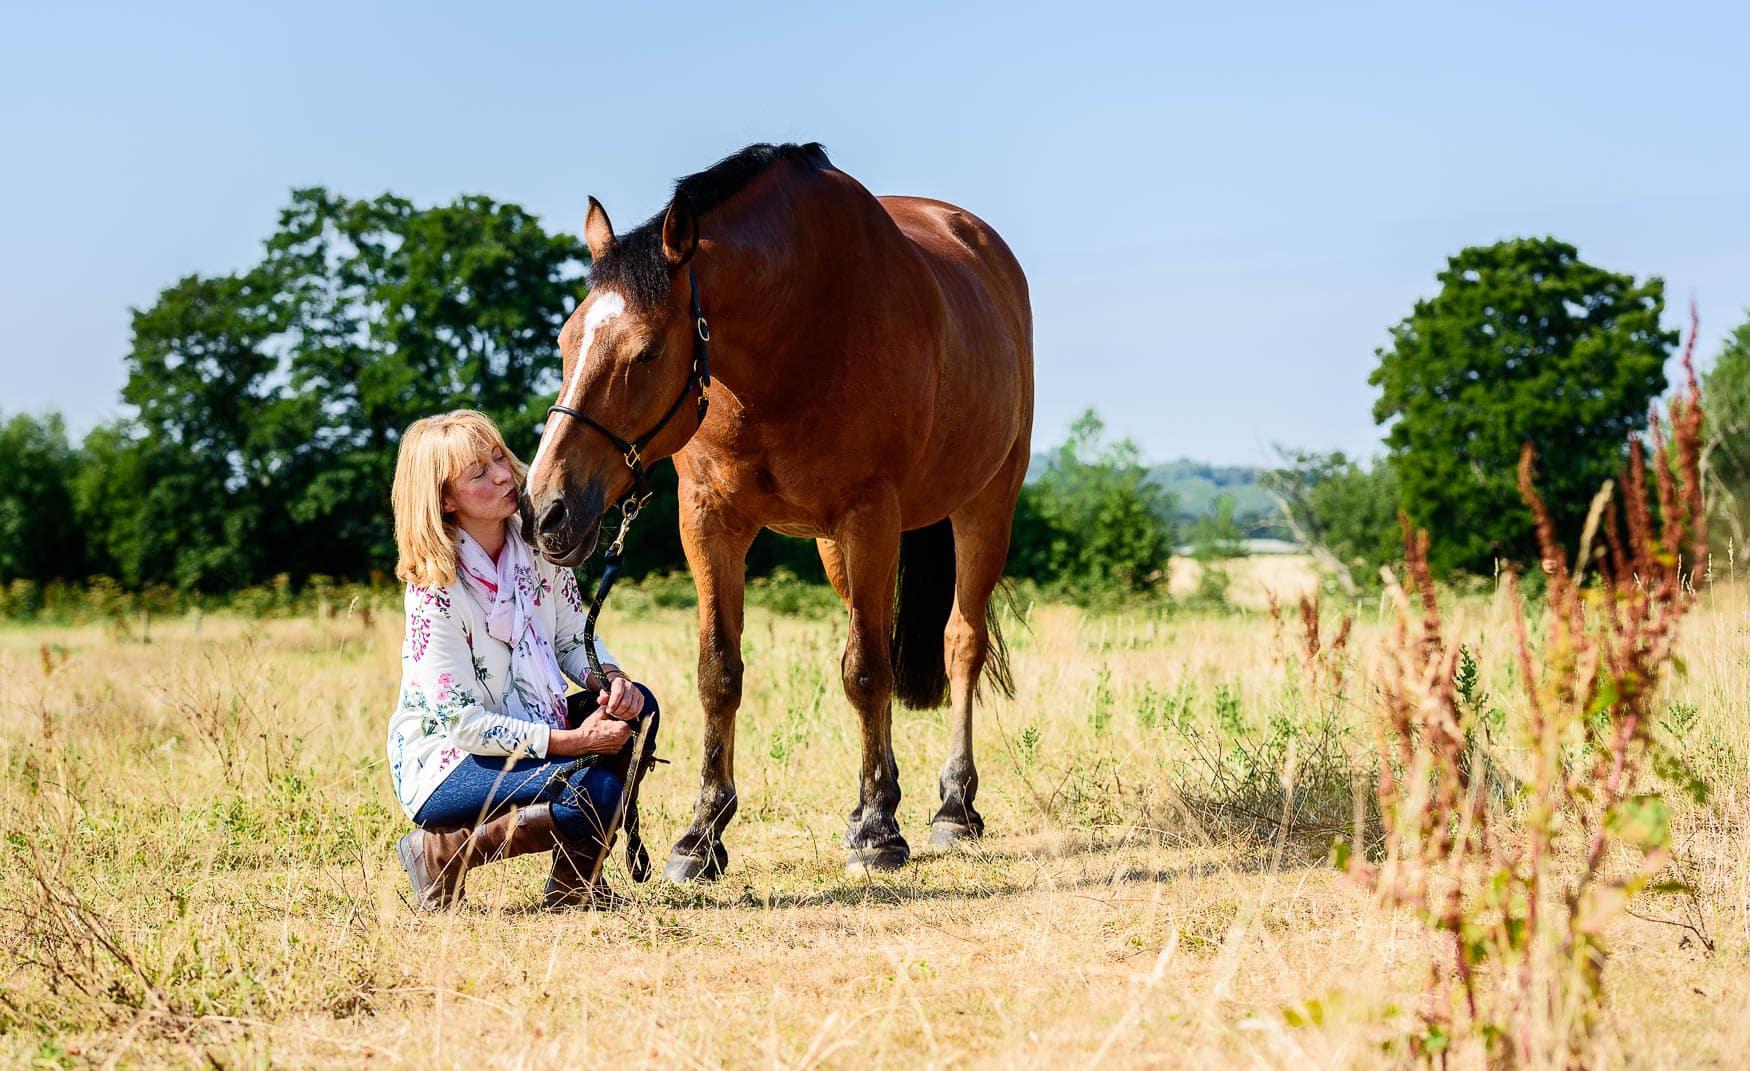 Wrexham horse photographer